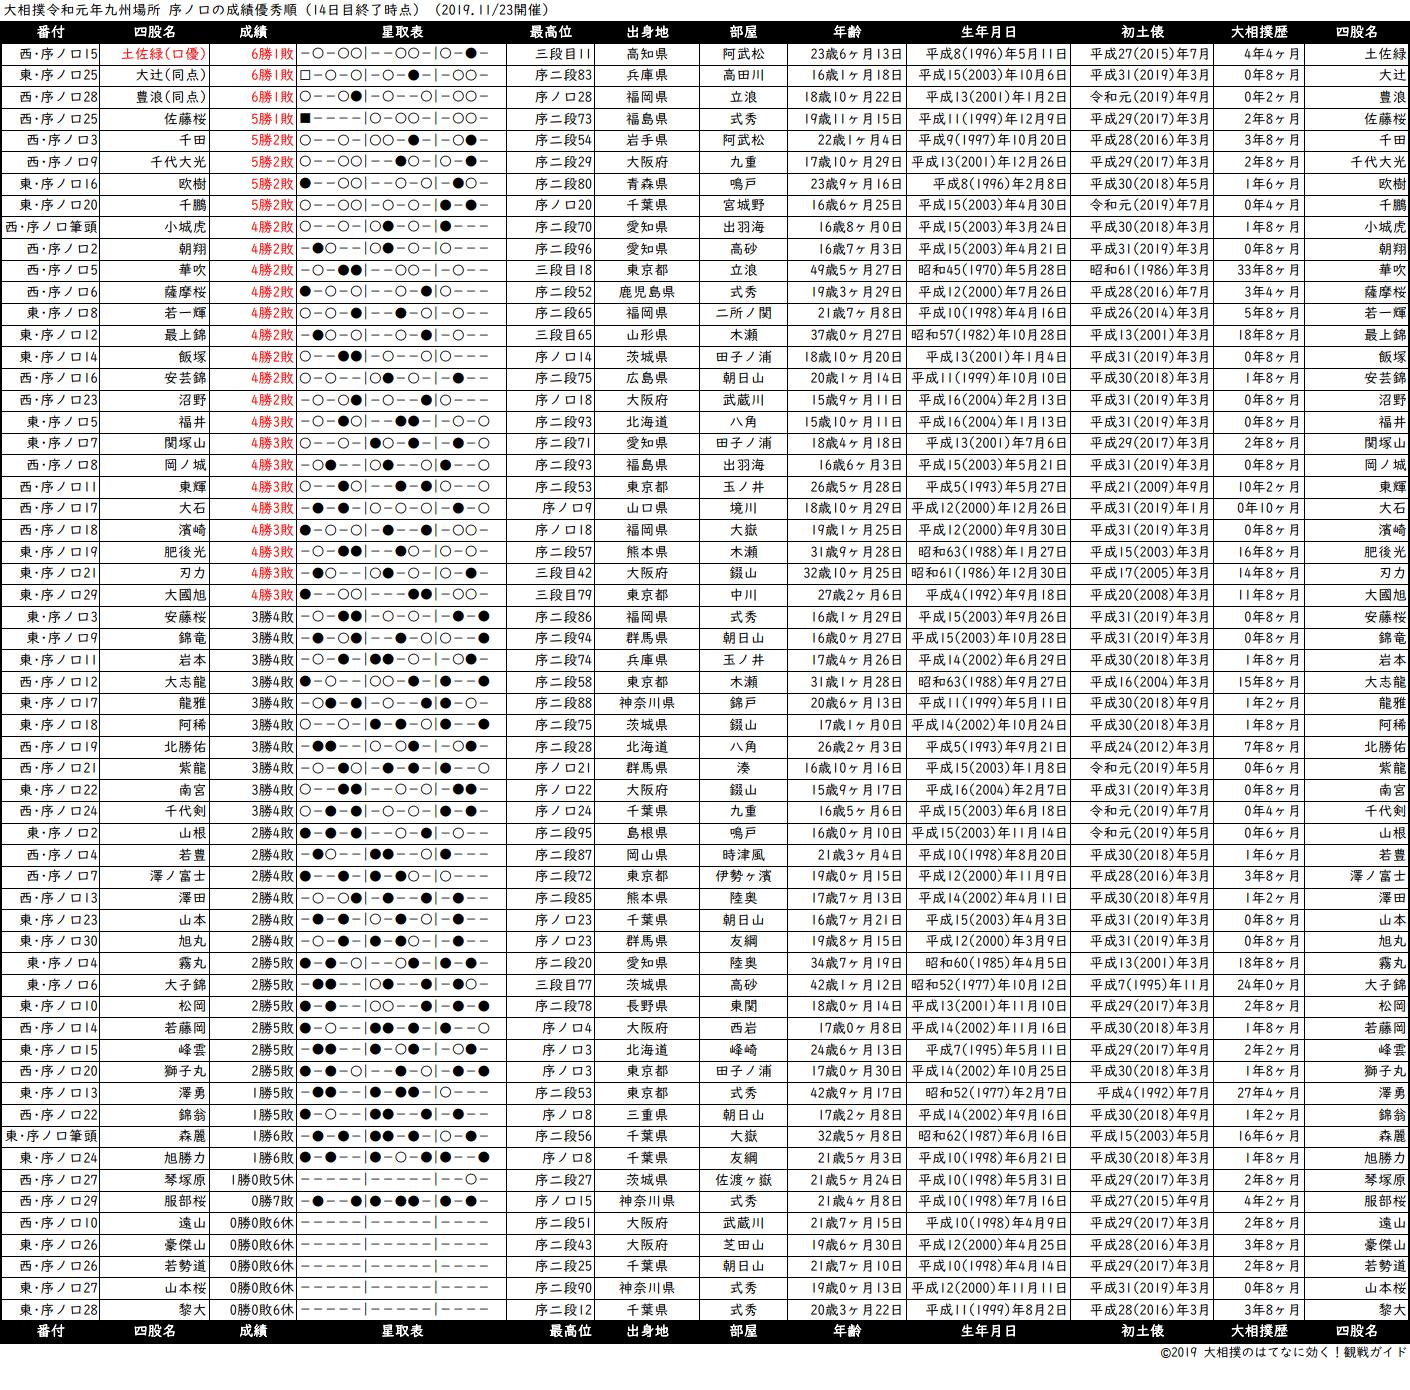 序ノ口成績順一覧表・2019年11月場所14日目